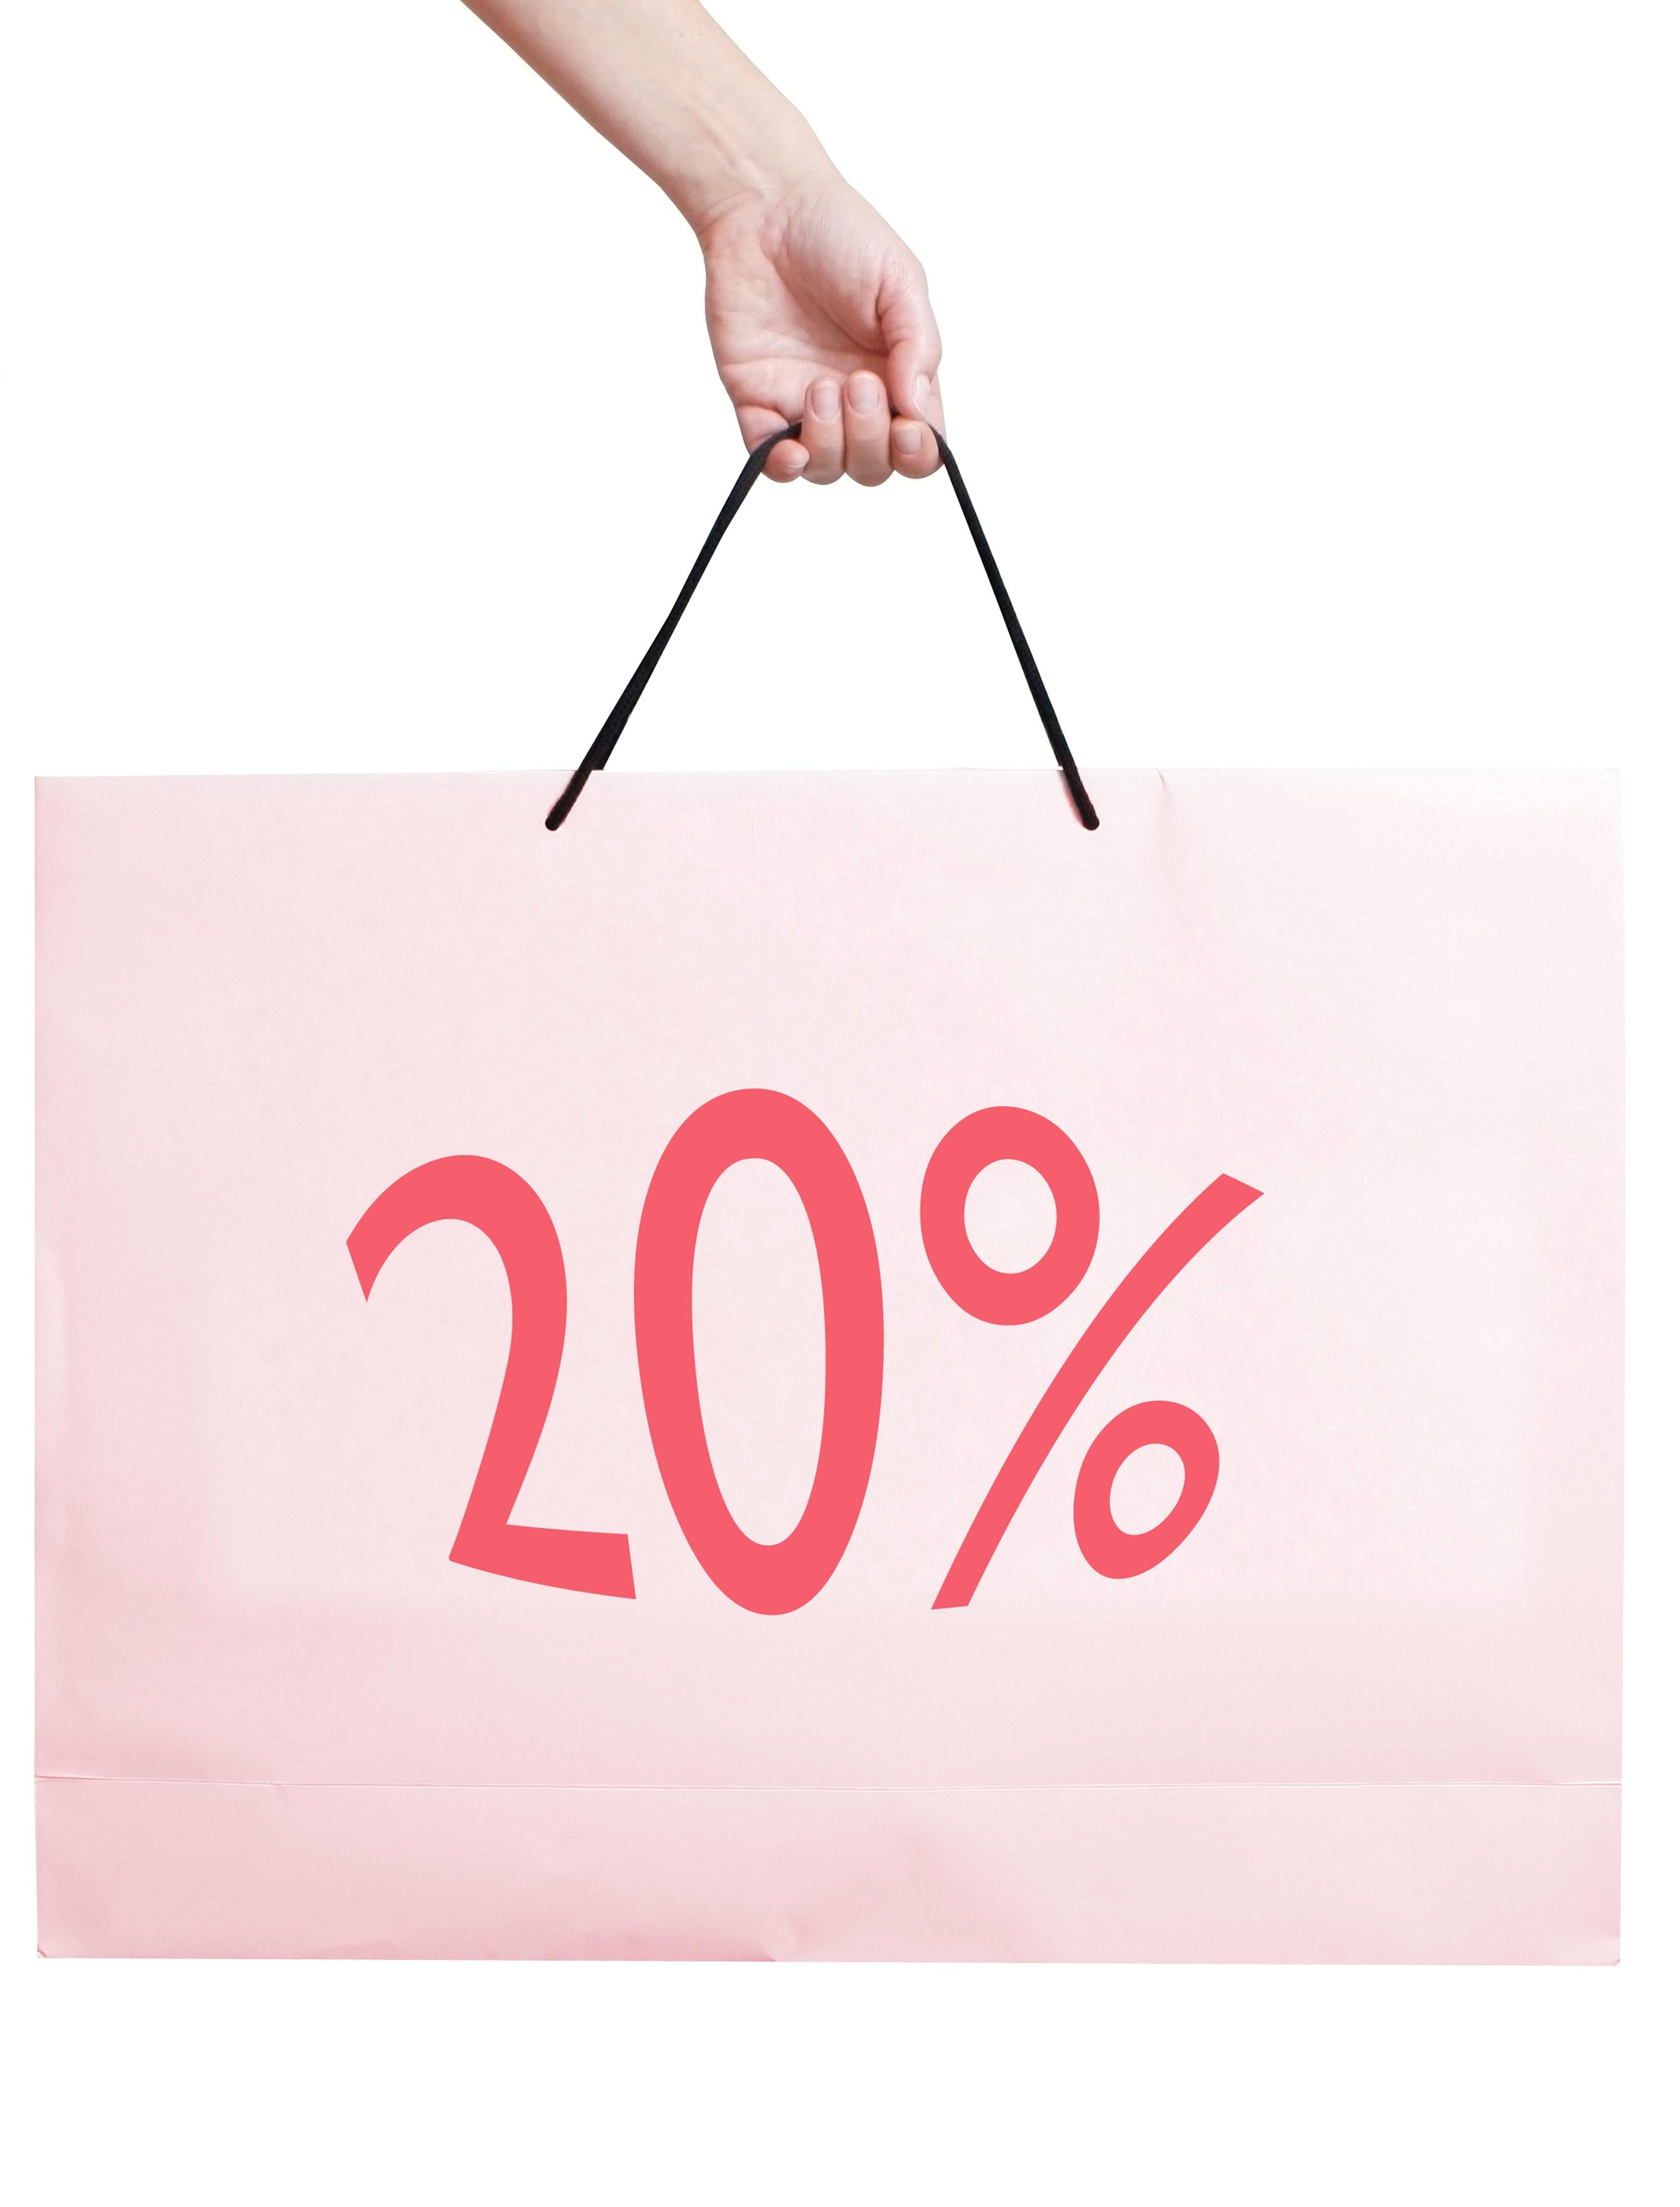 Discount bag image